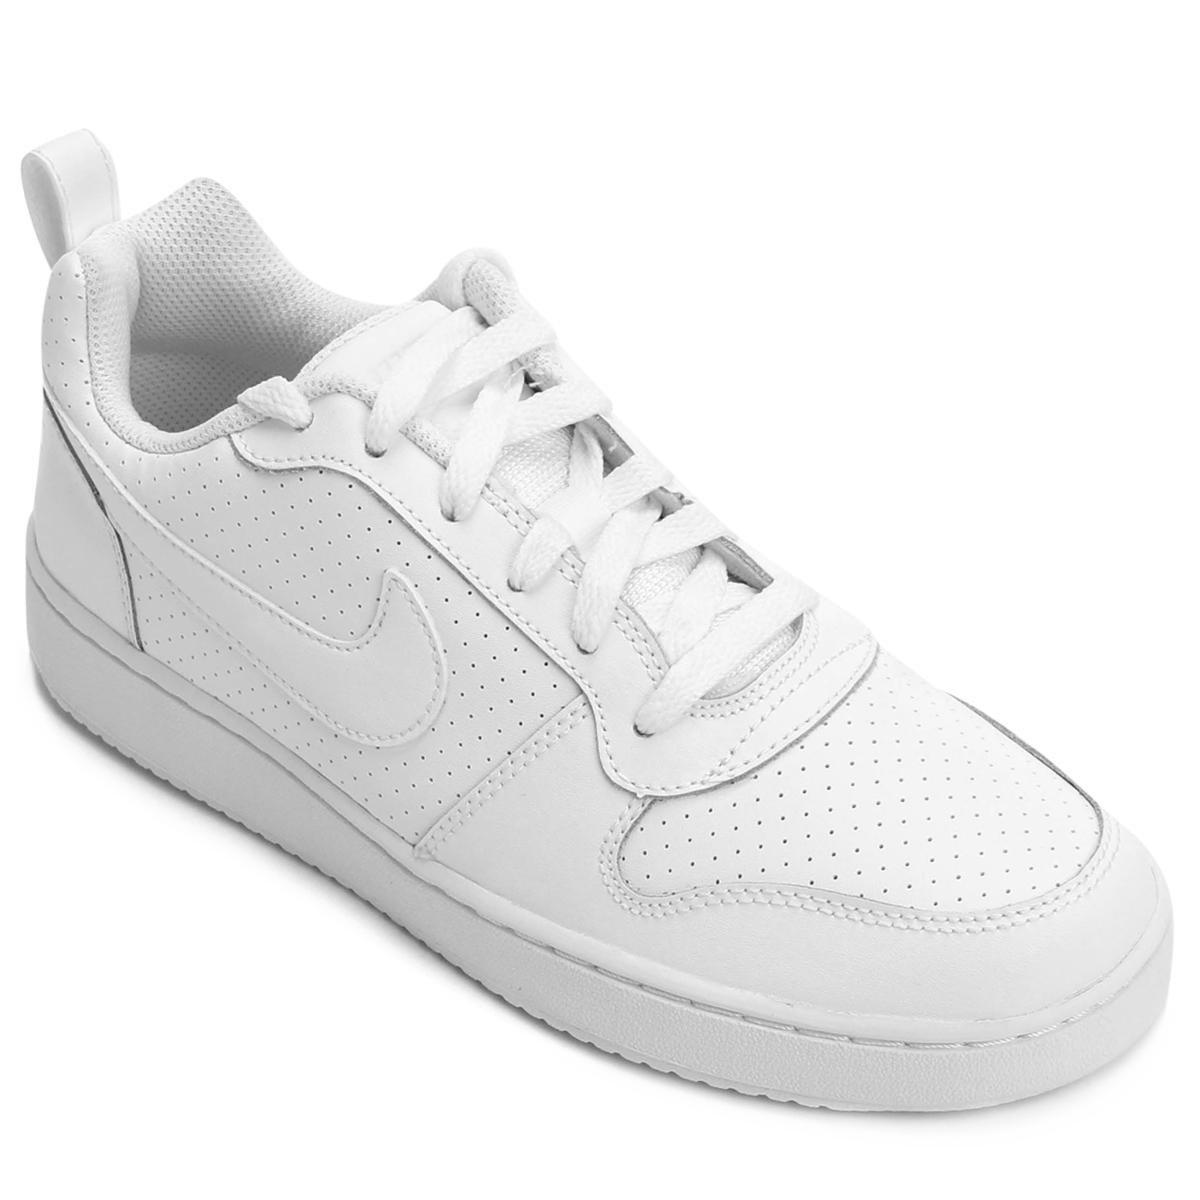 Tênis Couro Nike Recreation Low Feminino - Compre Agora  6e915176aeb29